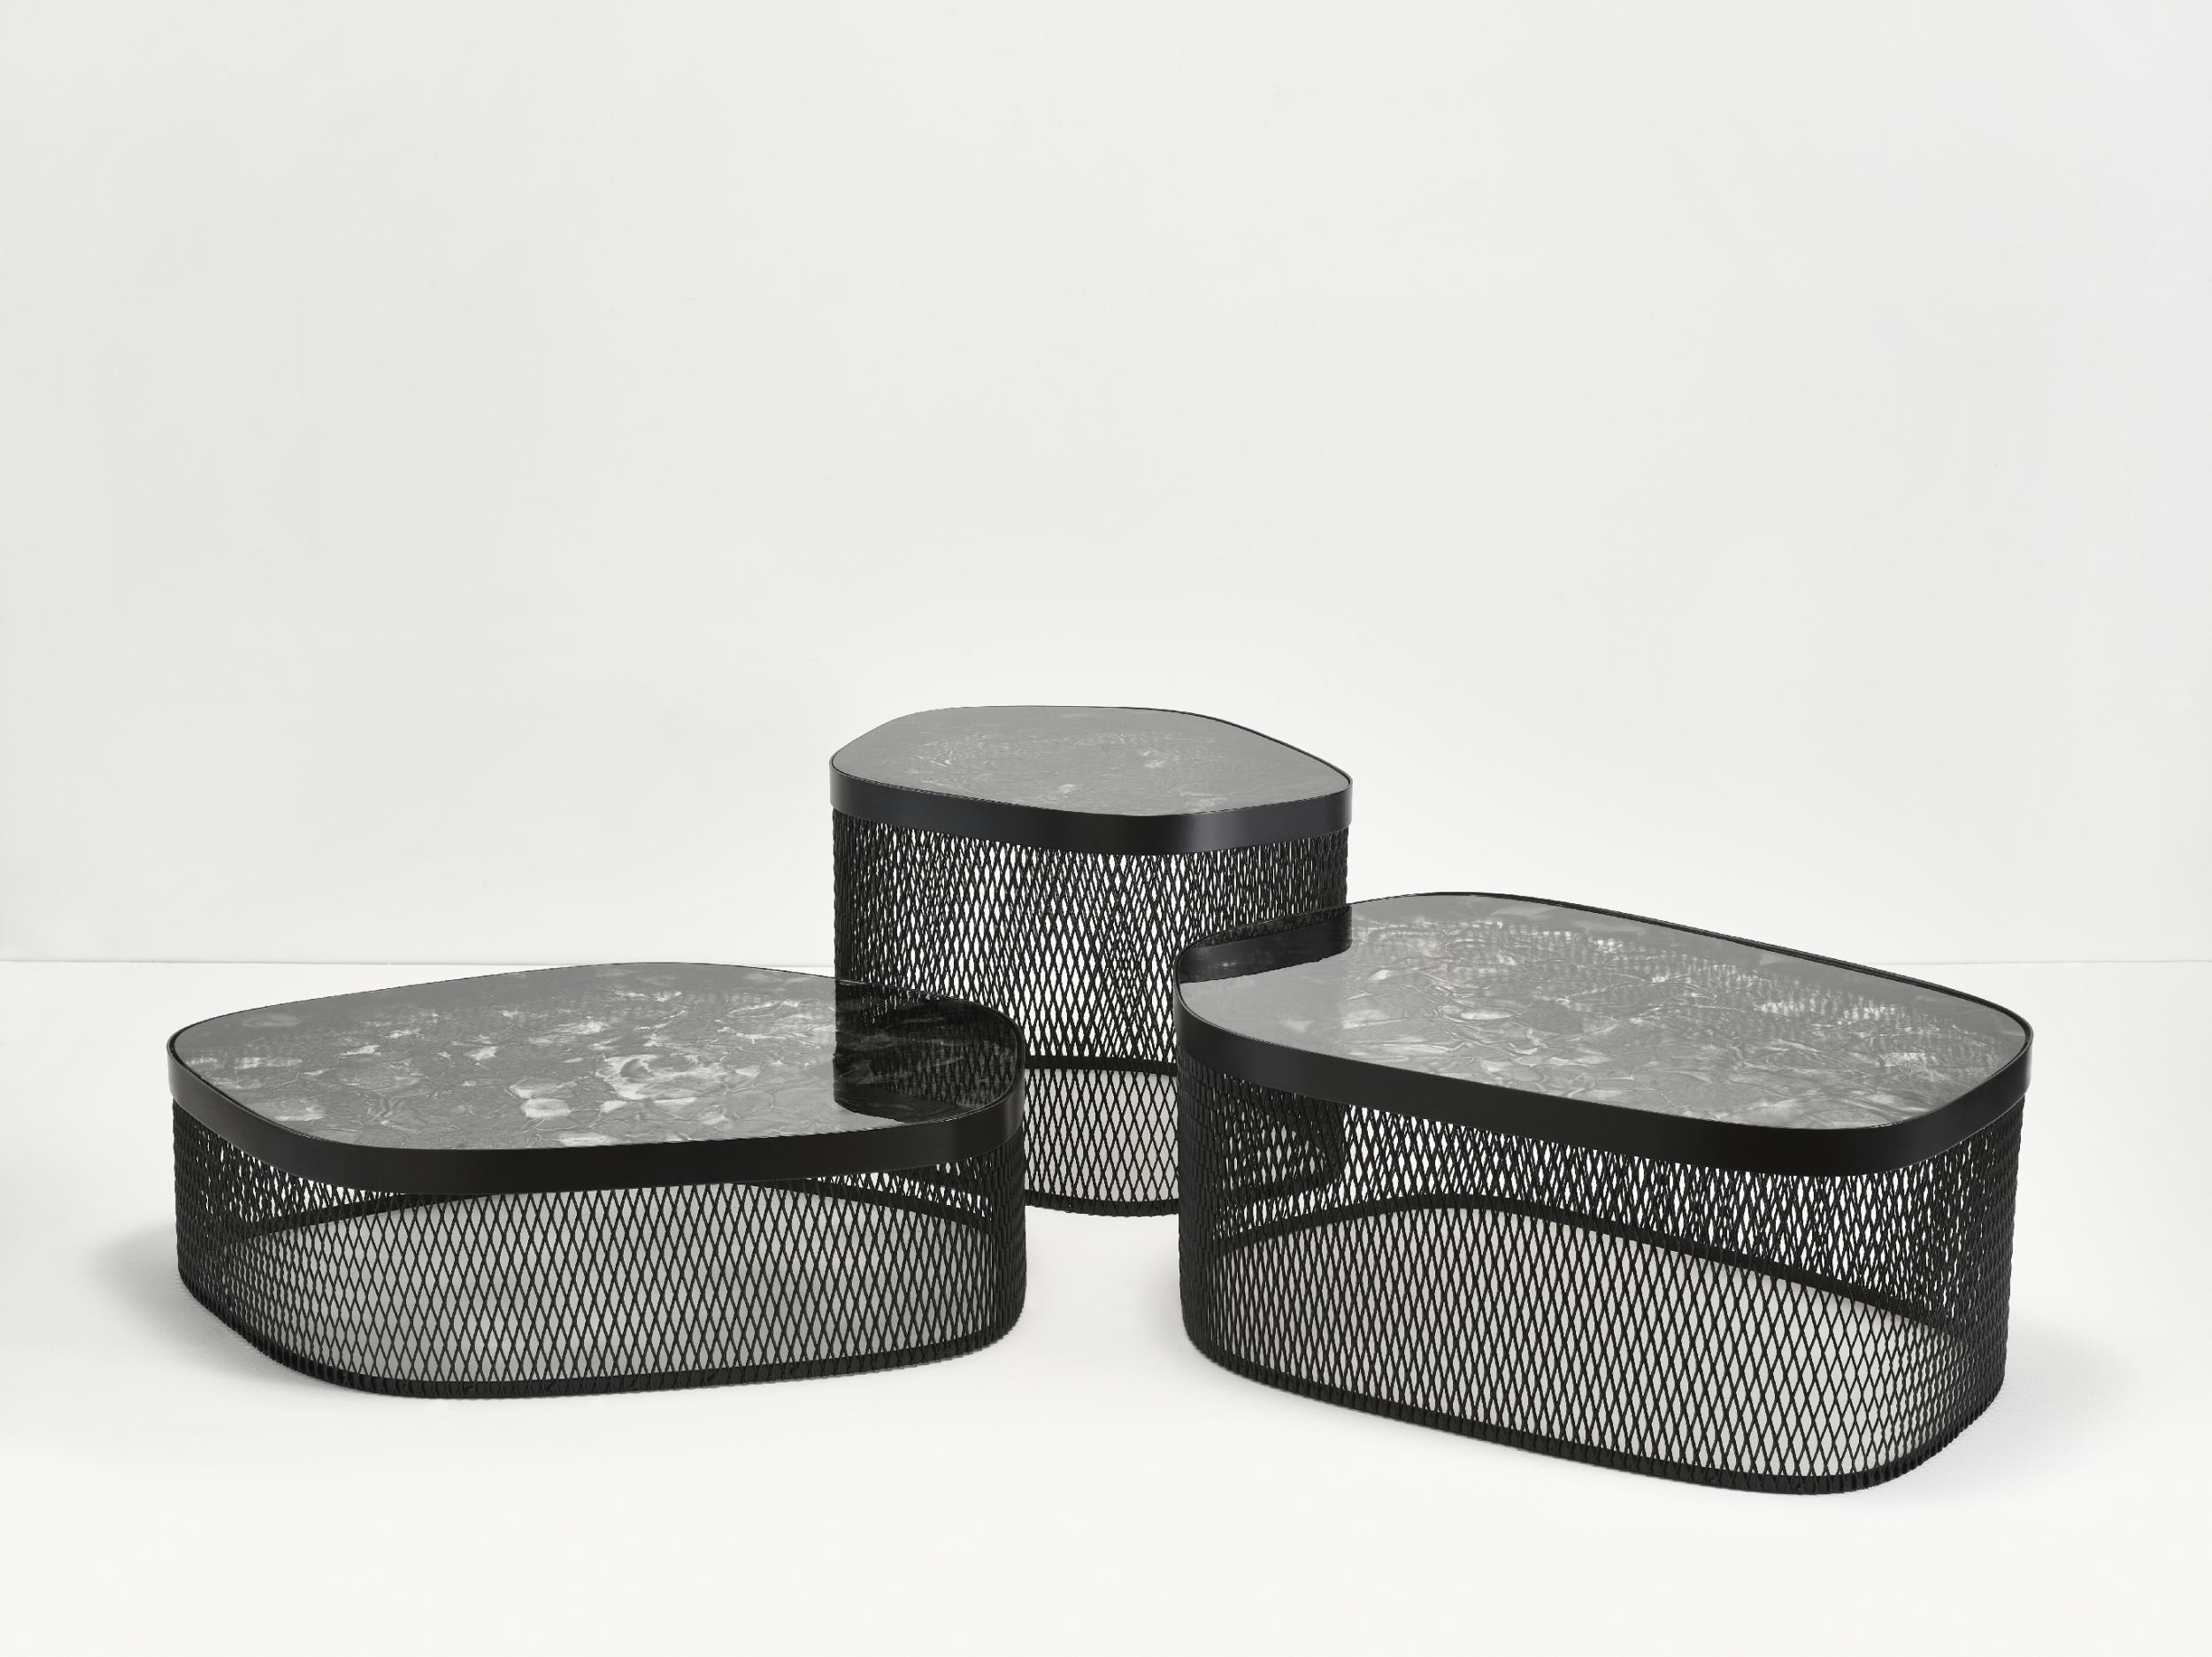 Janštejn Glassworks nominated for Czech Grand Design award for BROKISGLASS